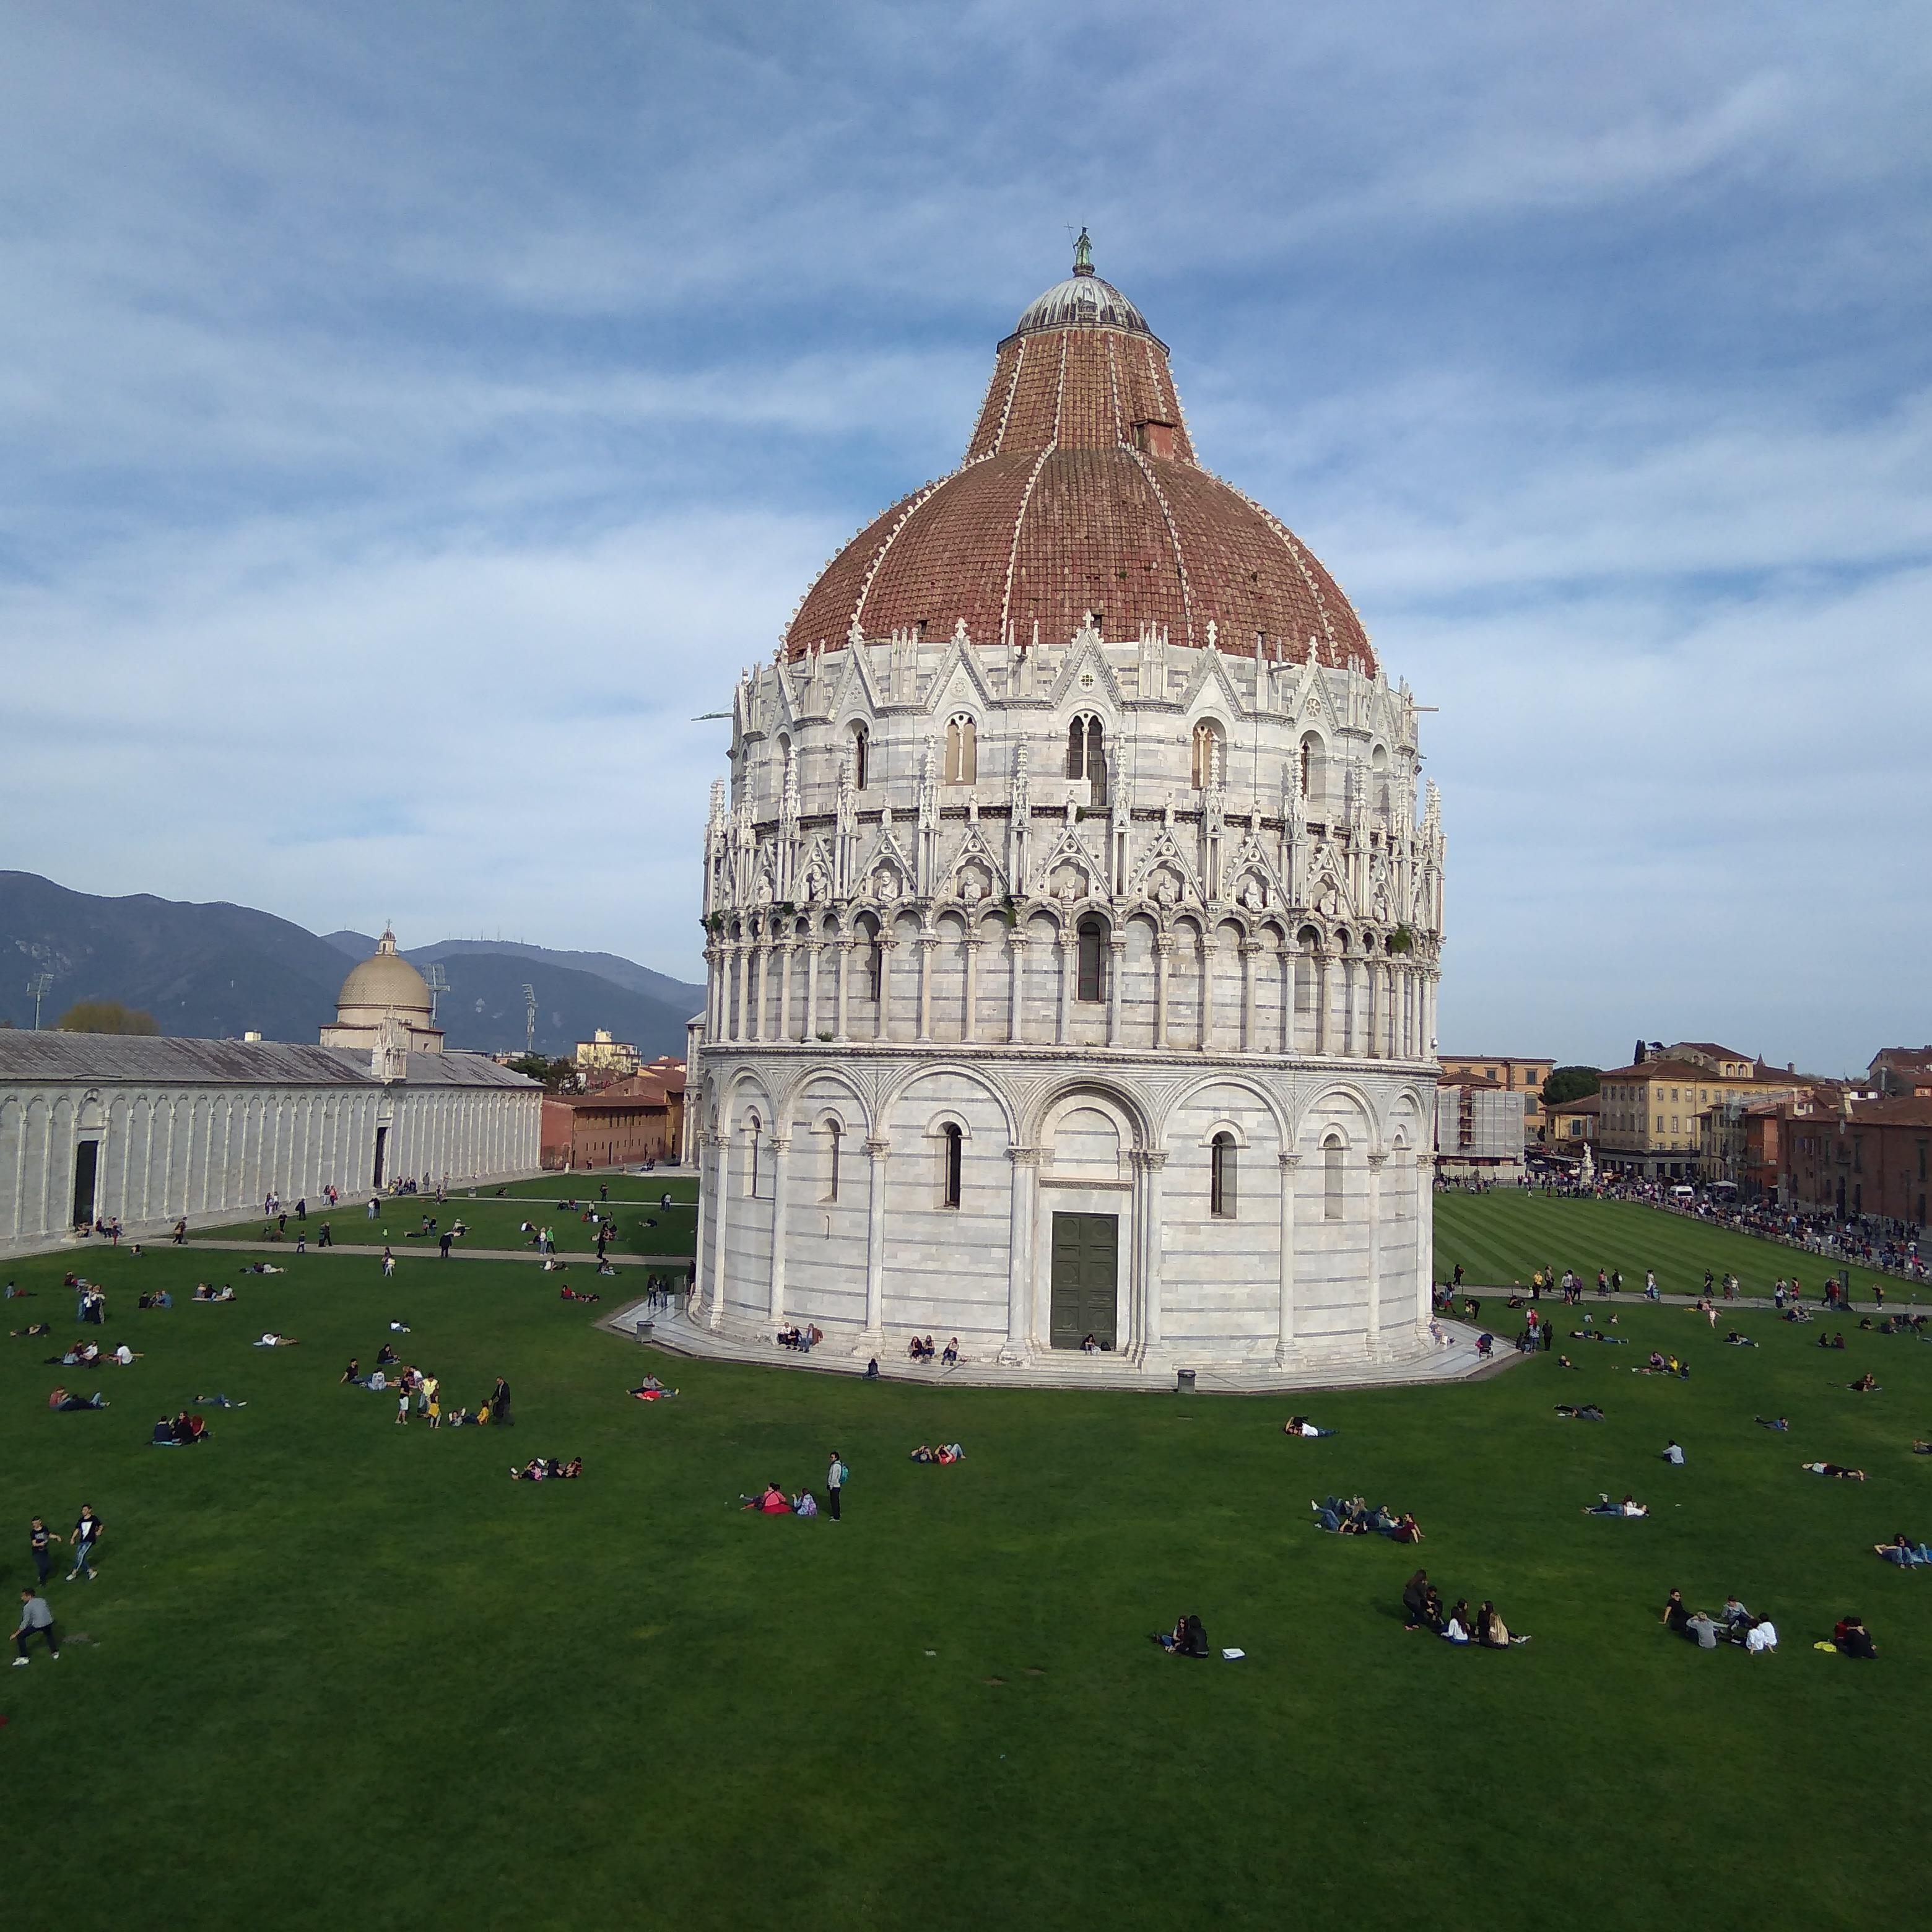 Visita-guiada-por-Pisa-+-Torre-Inclinada-3